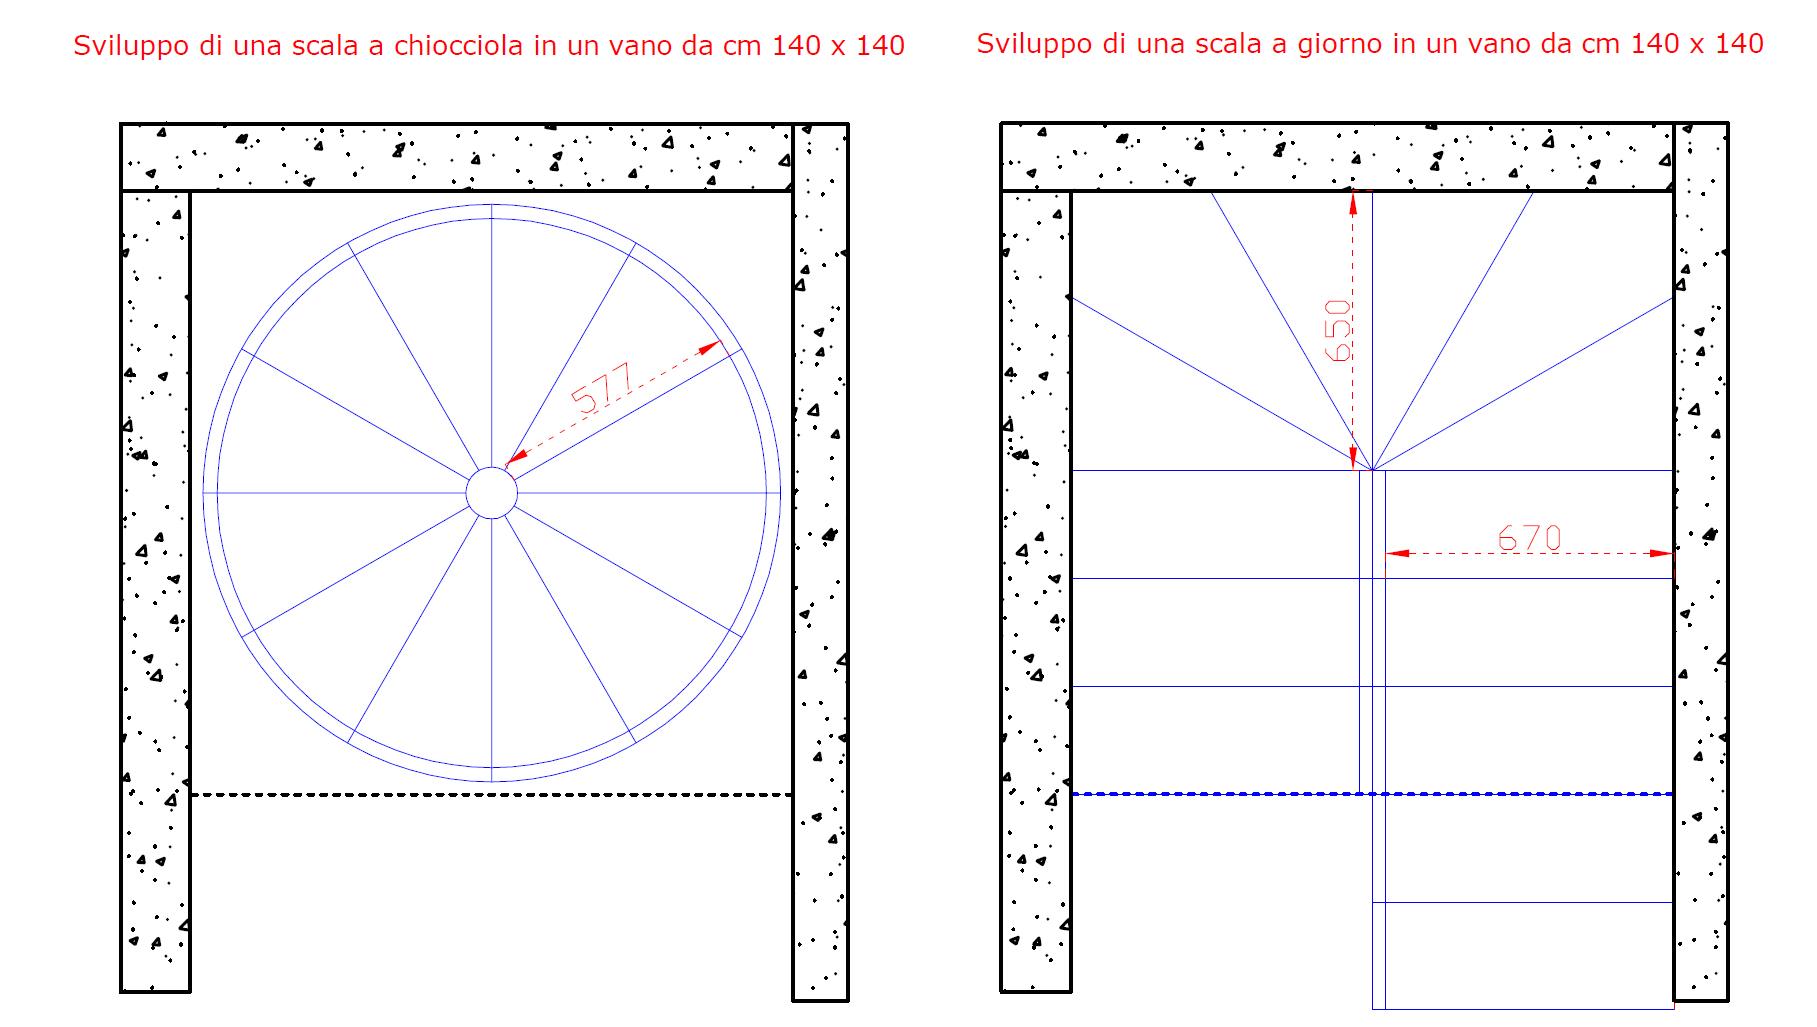 Disegno chiocciola il blog di roversi scale for Schemi di scala a chiocciola